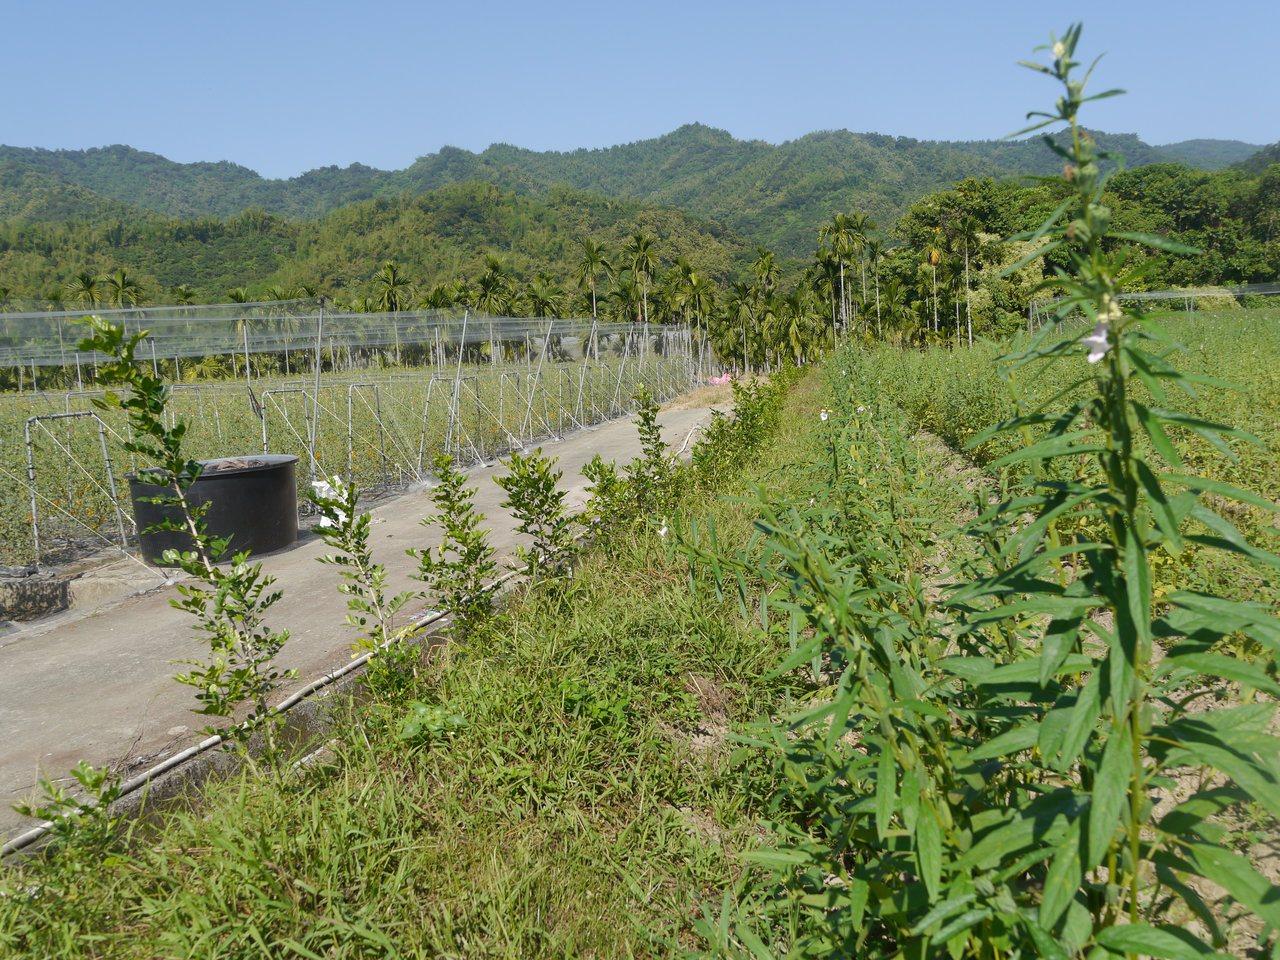 台灣大學研究生古子諒協助高市美濃農友營造的田埂綠籬,這排七里香可讓有機栽種的芝麻...